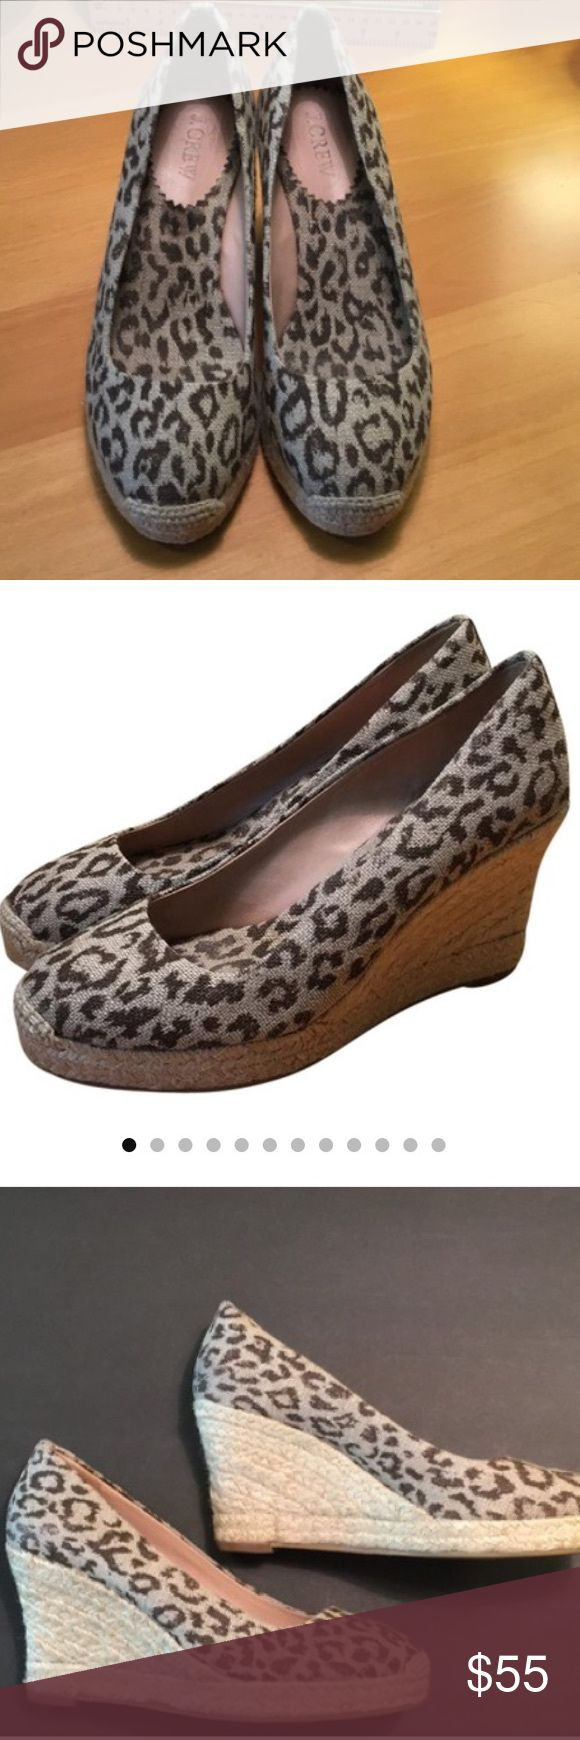 J CREW LEOPARD WEDGE ESPADRILLES Sz 6. J Crew leopard wedge Sz 6, heel height 3-4 inches , tan color , heel style wedge,width Regular ,never worn .. Shoes Wedges